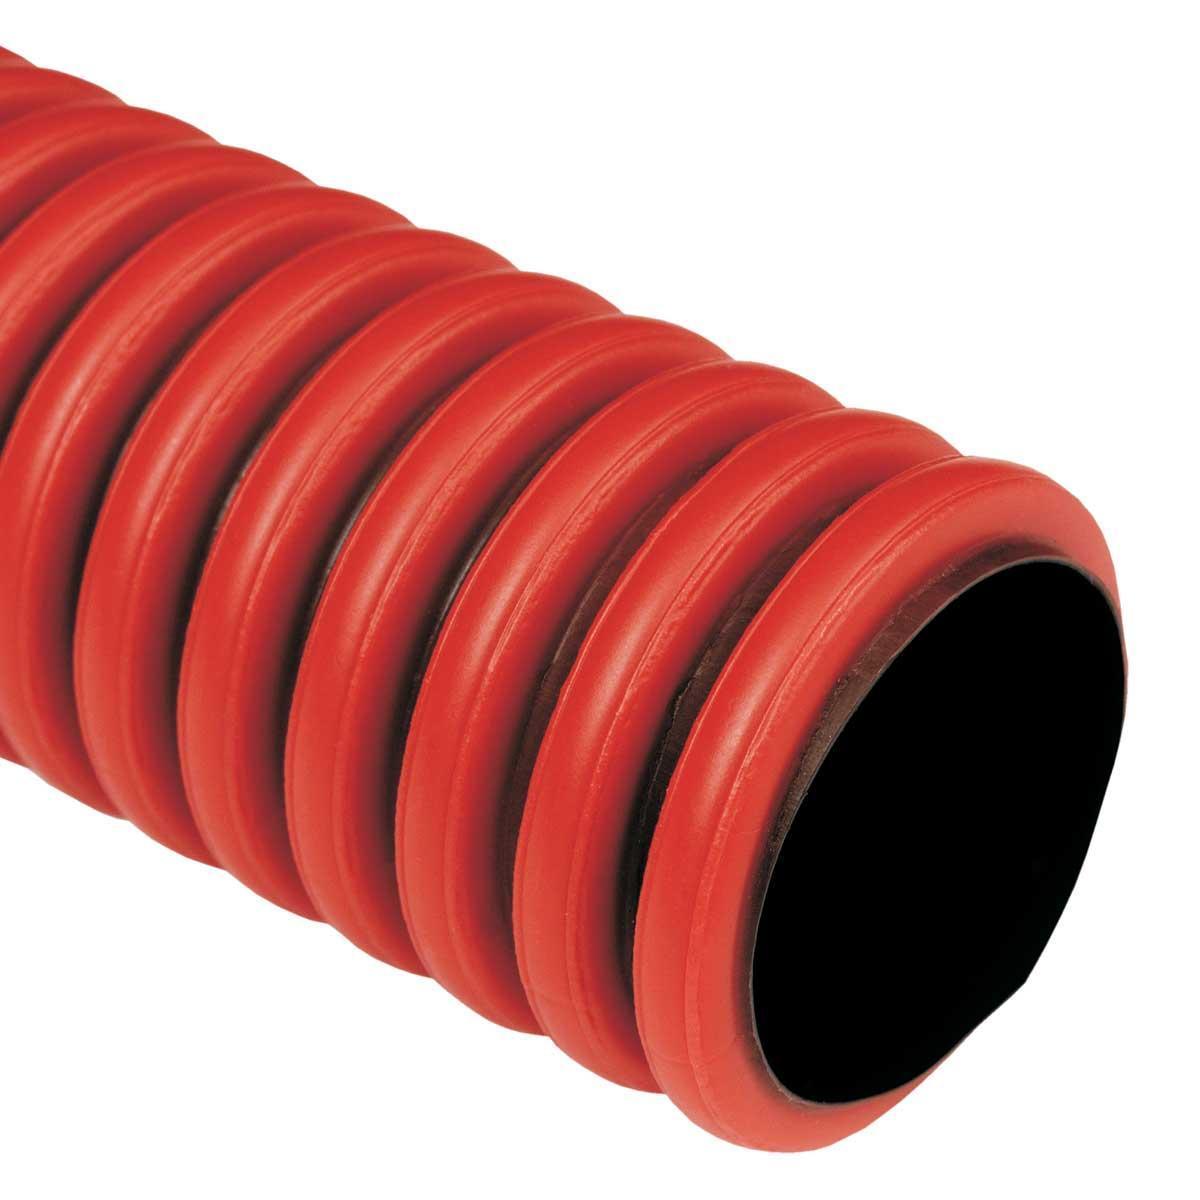 Труба гофрована гнучка двошарова Копофлекс, чорна, протяжка, ; Ø110мм; поліетилен HDPE